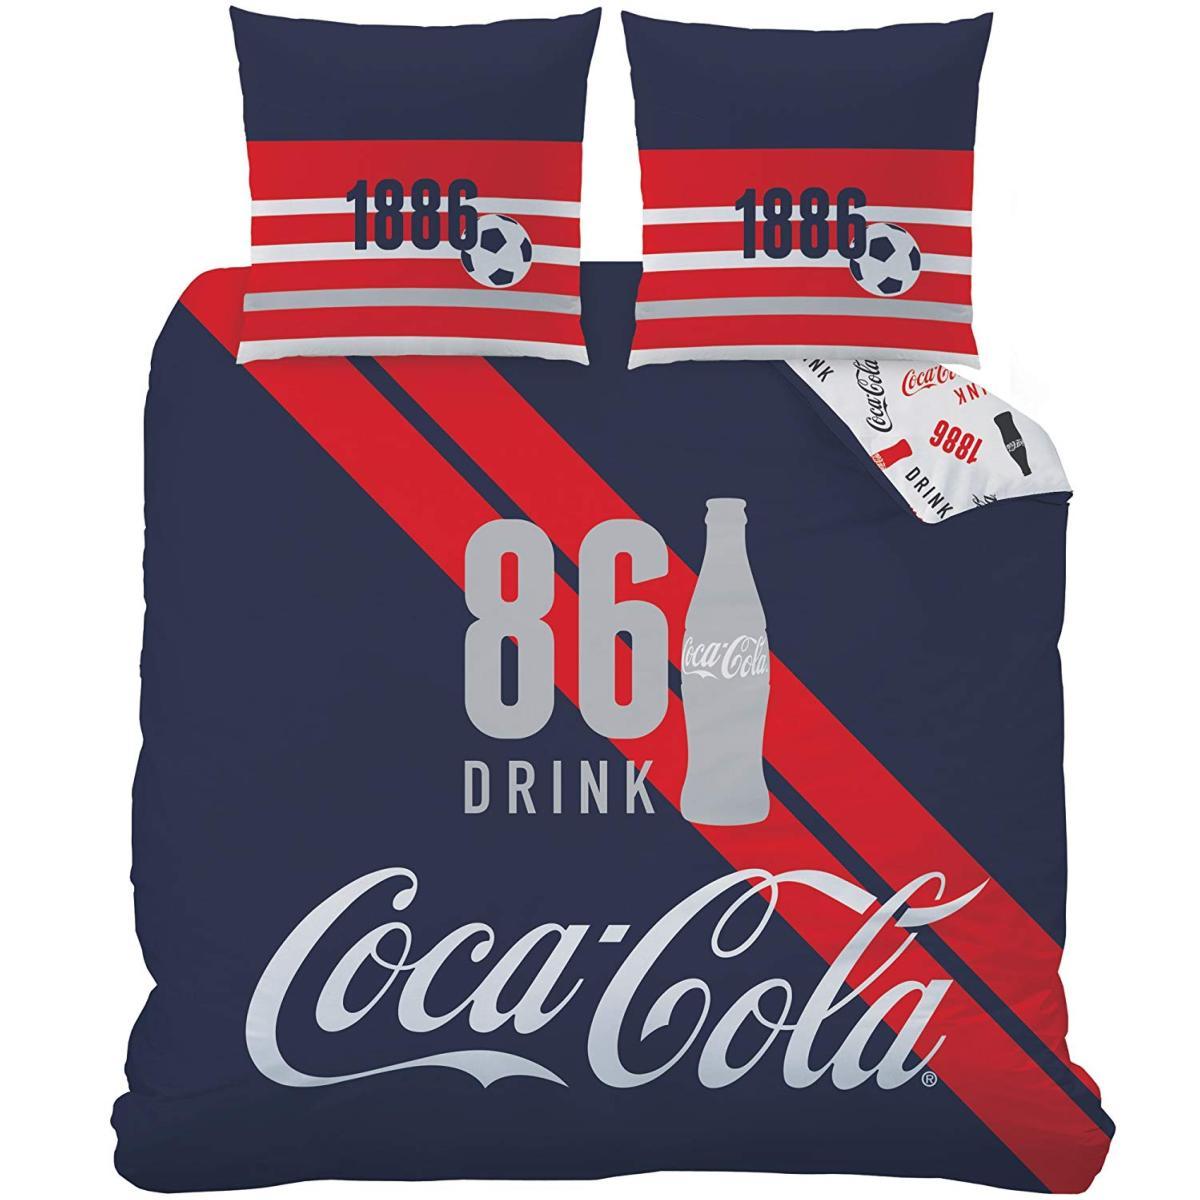 Parure housse de couette coca cola sport bleu rouge 220x240cm 2 personnes polycoton - Housse de couette coca cola ...